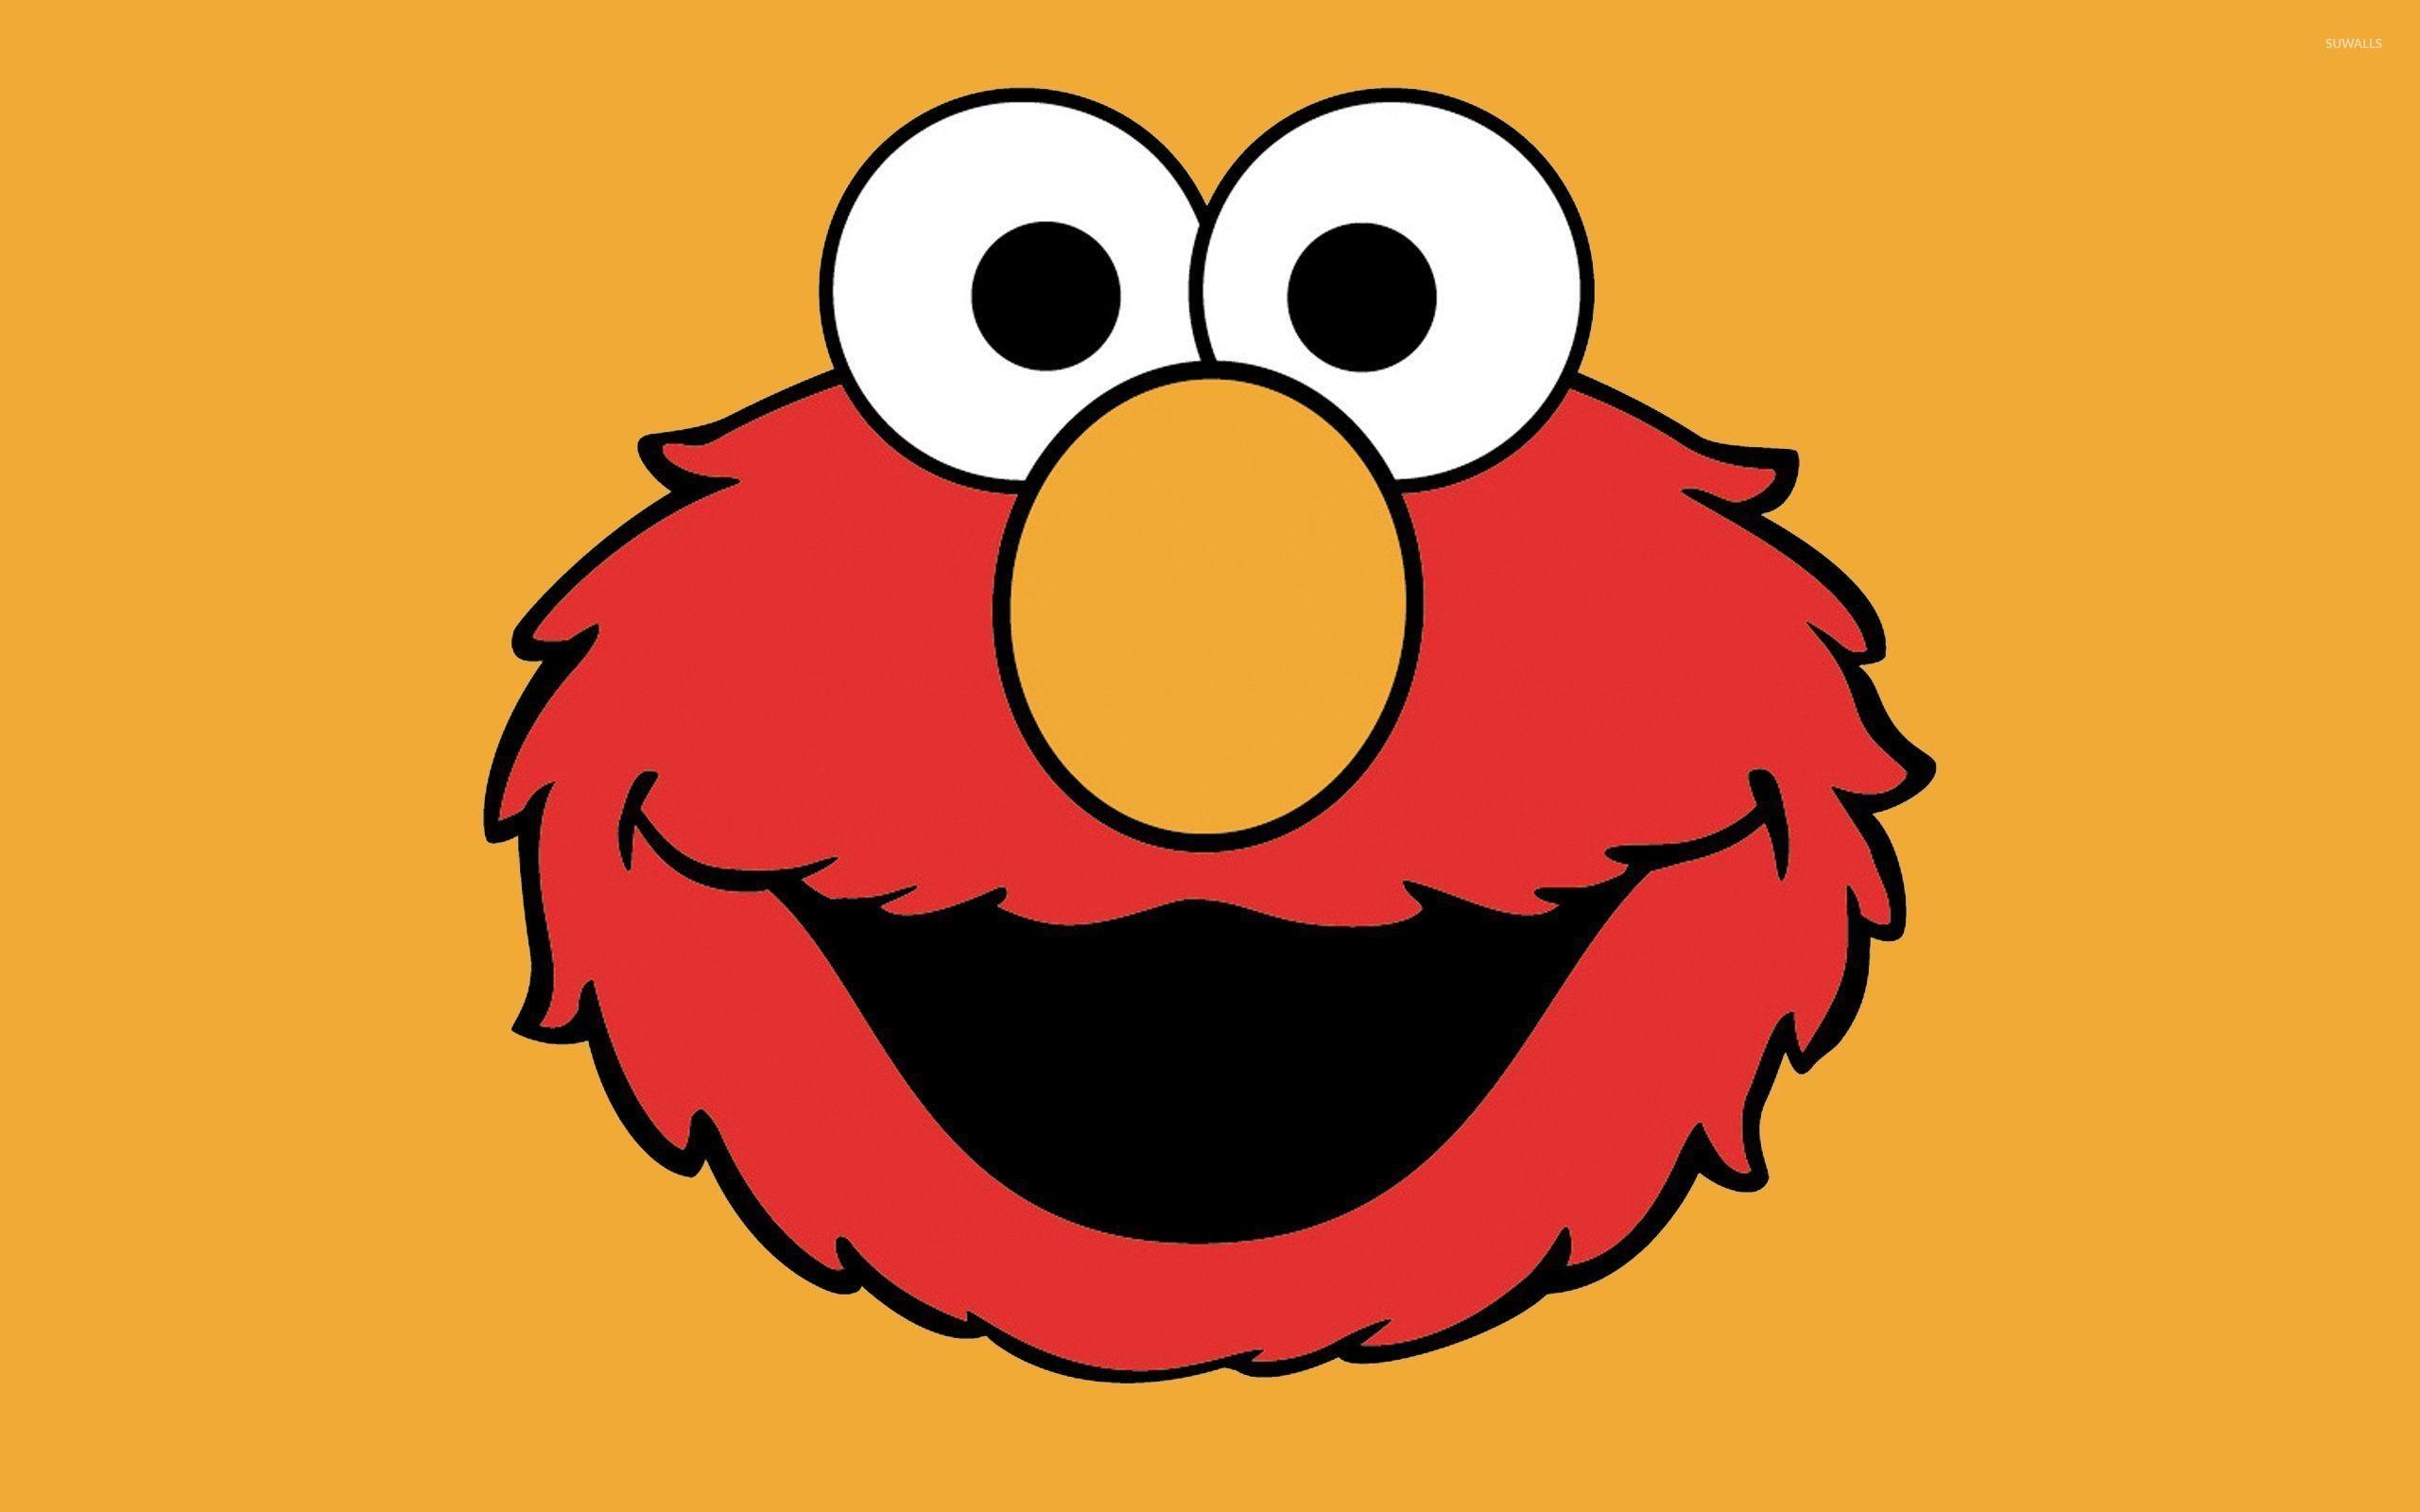 エルモの壁紙 赤 ぬいぐるみ おもちゃ テディベア 鳥 Wallpaperuse